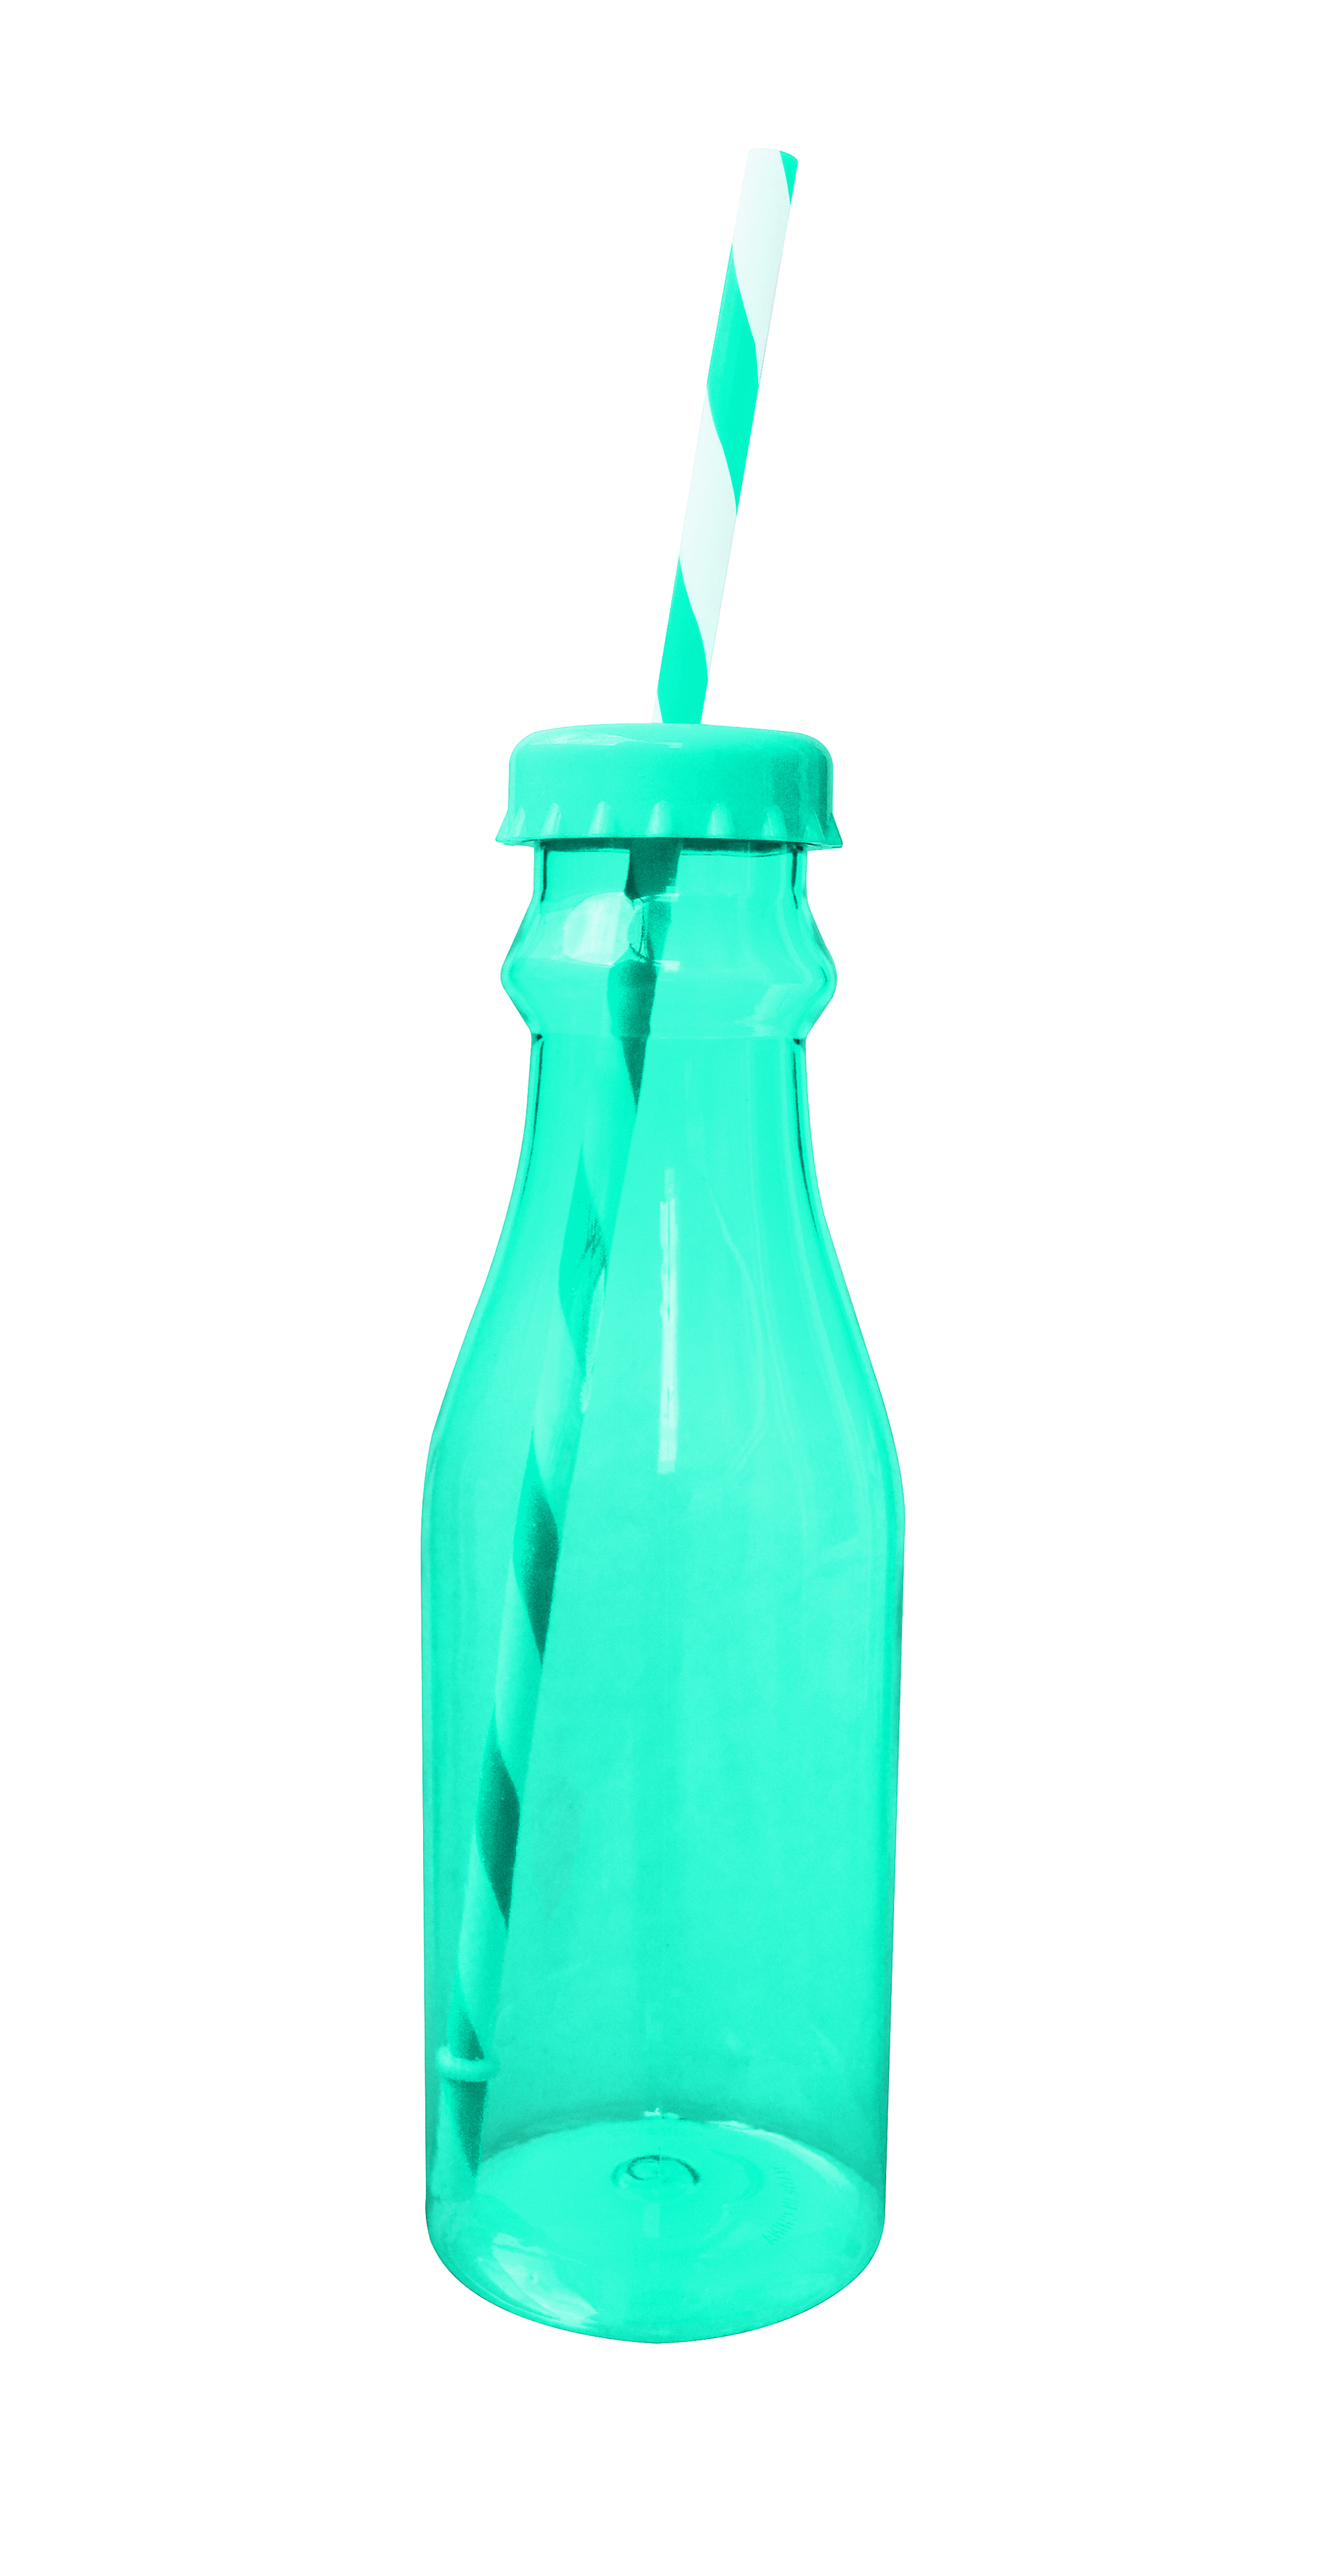 zak designs trinkflasche mit strohhalm soda flasche blau geschenke f r frauen geschenke. Black Bedroom Furniture Sets. Home Design Ideas